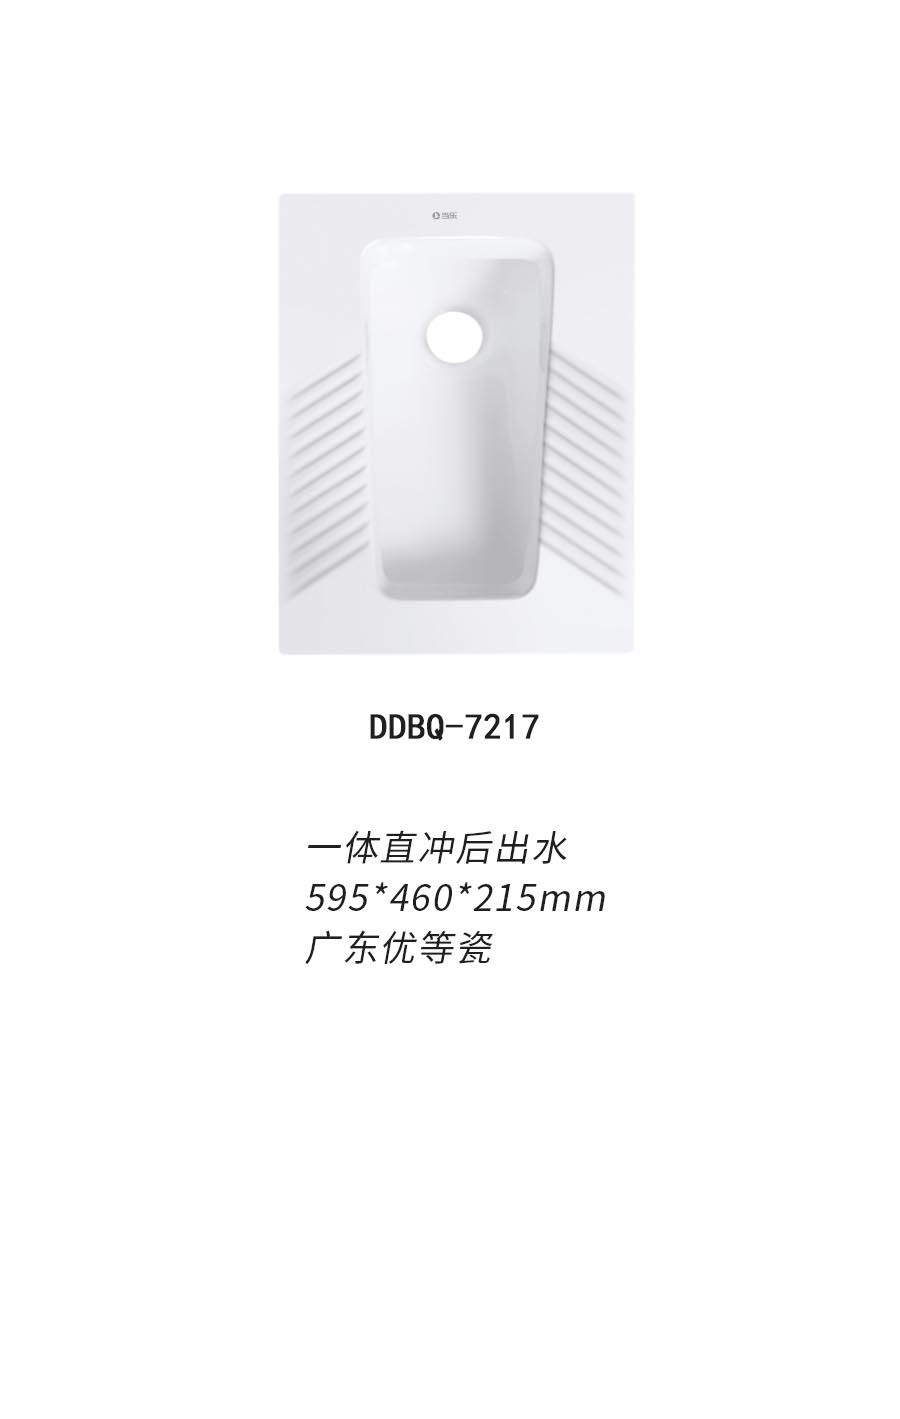 ddbq-7217b.jpg